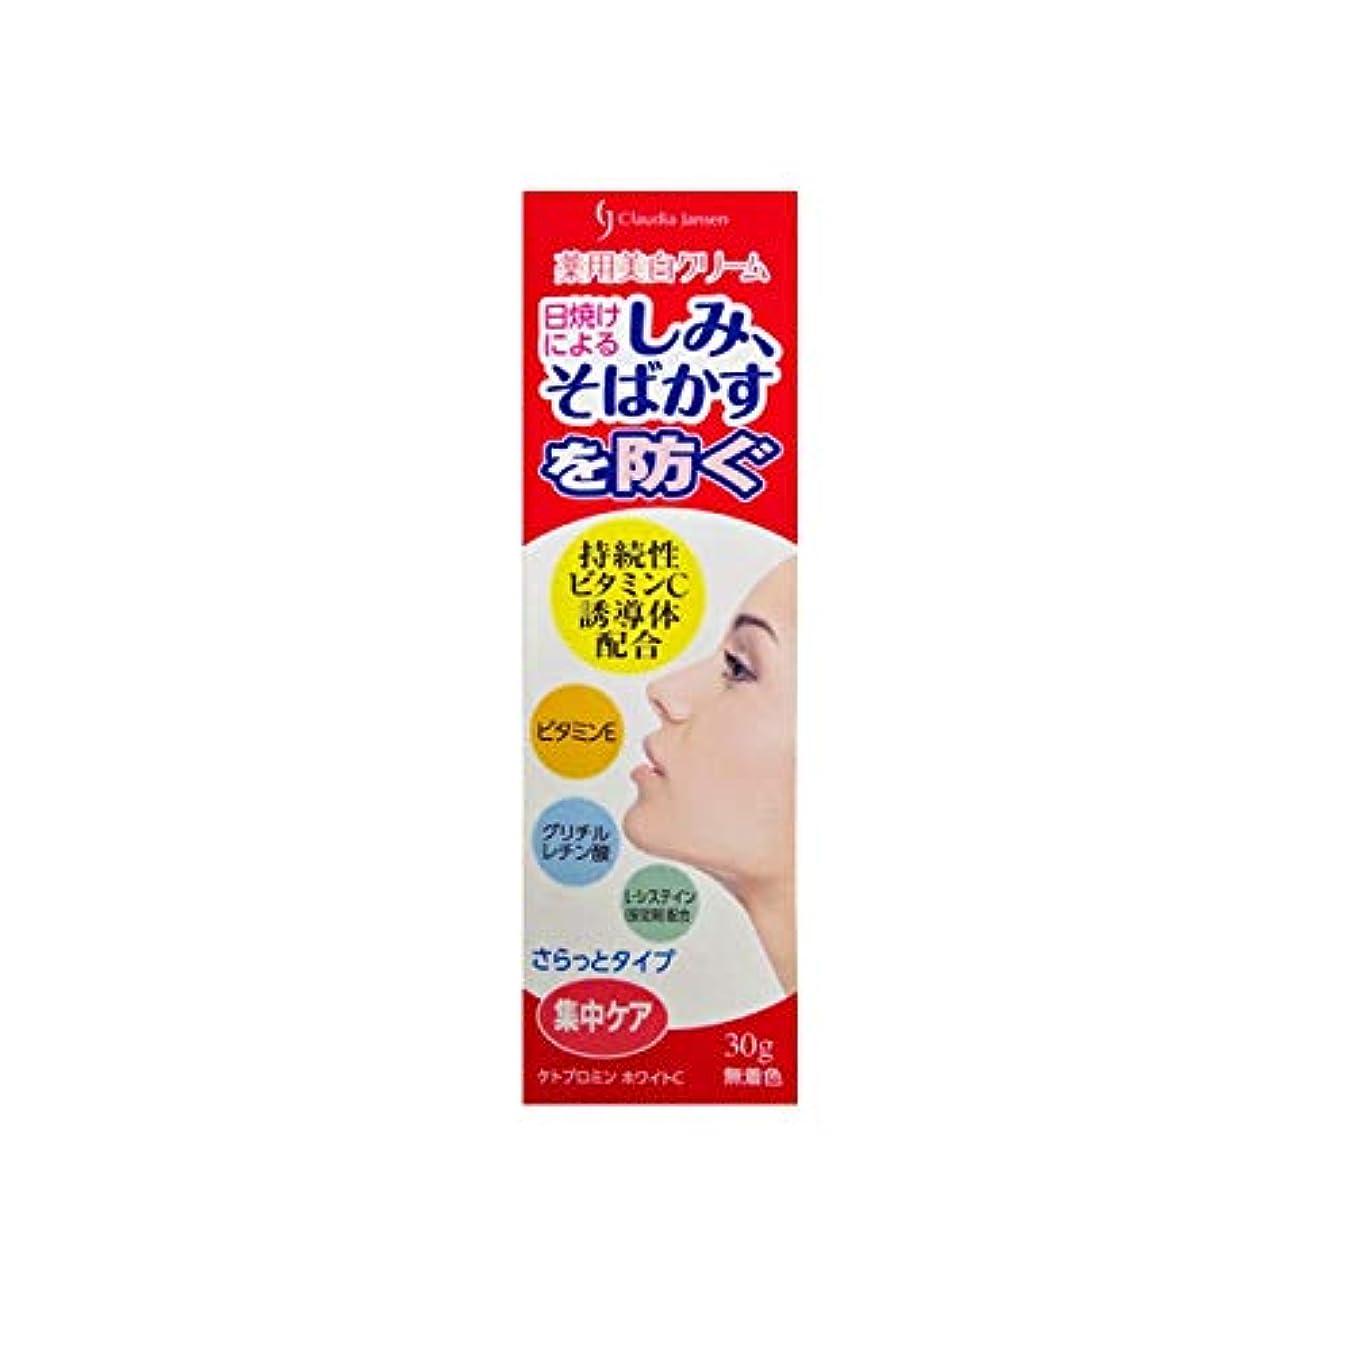 難しいオズワルド熱望する三友薬品 医薬部外品 薬用ホワイトニングクリームC 30g